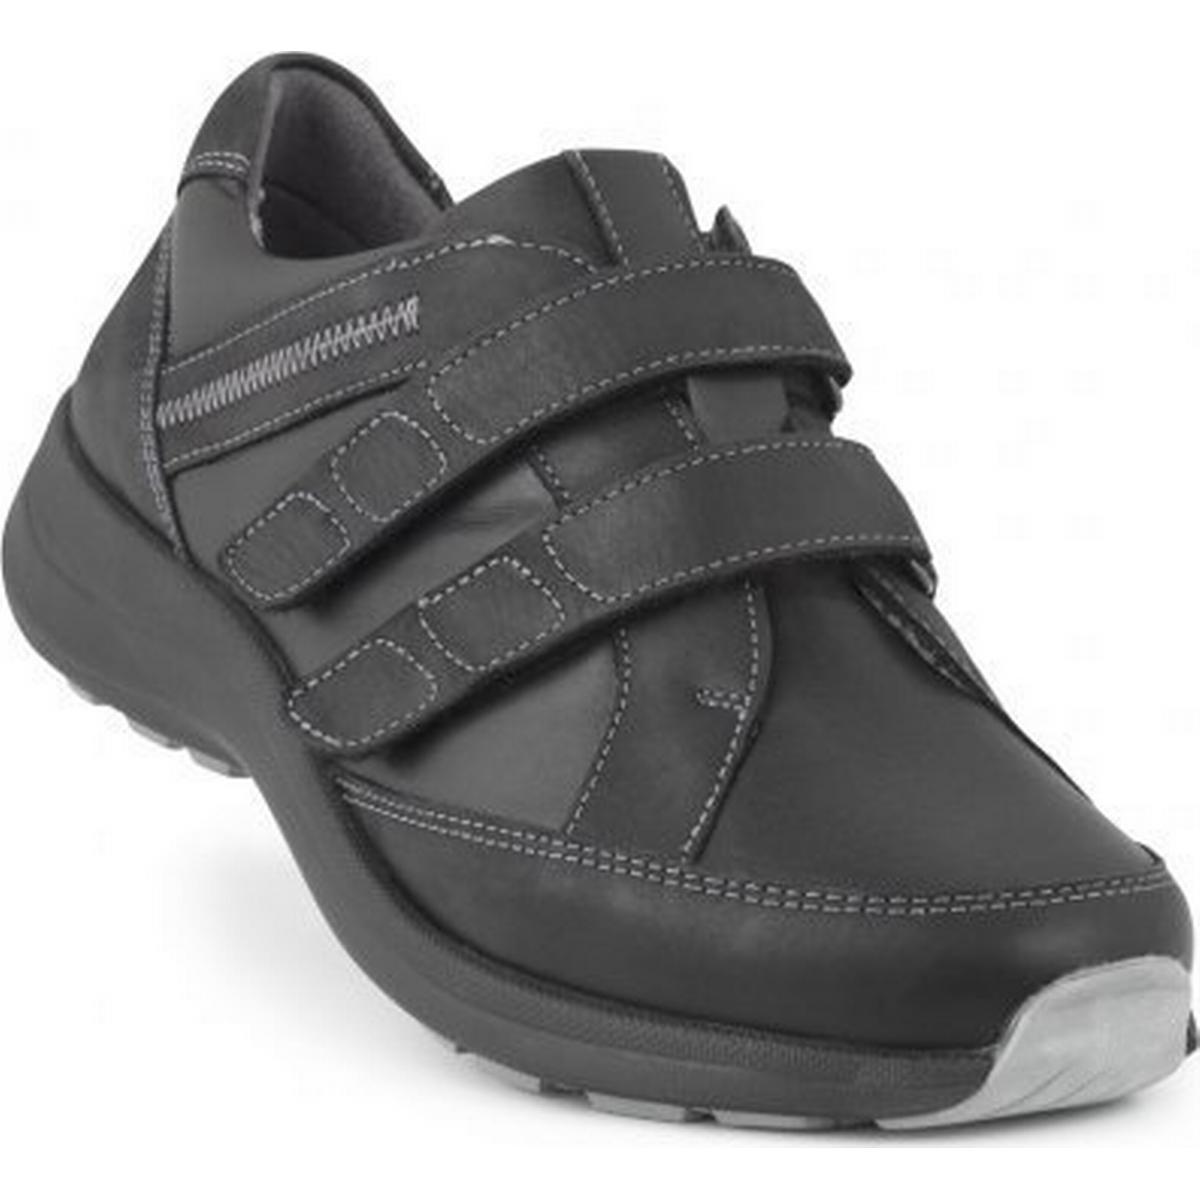 New Feet Herre Sko (200+ produkter) hos PriceRunner • Se